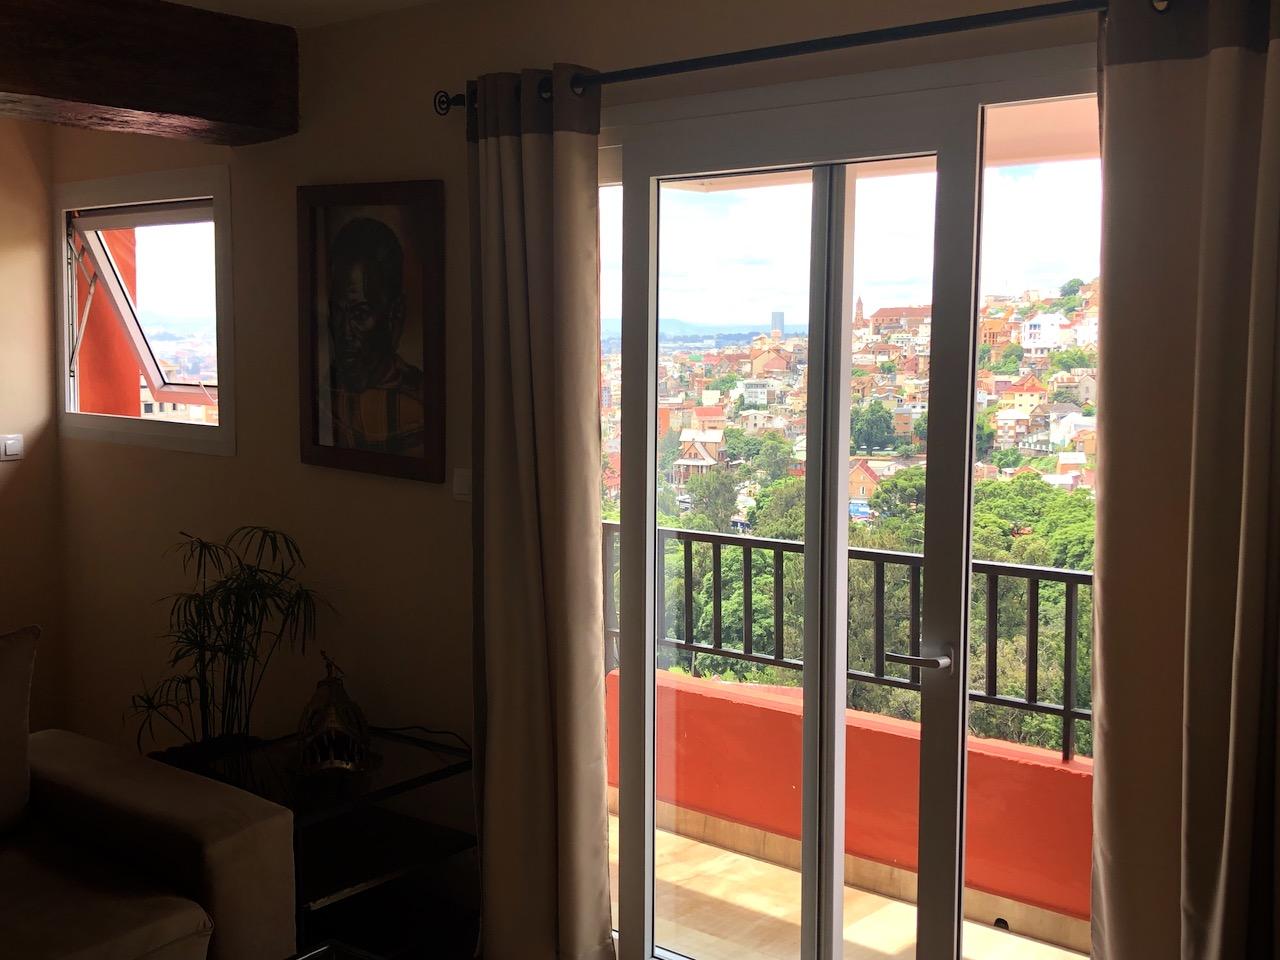 Appartements et studios meublés à louer - Nofylou - Antananarivo 3 53